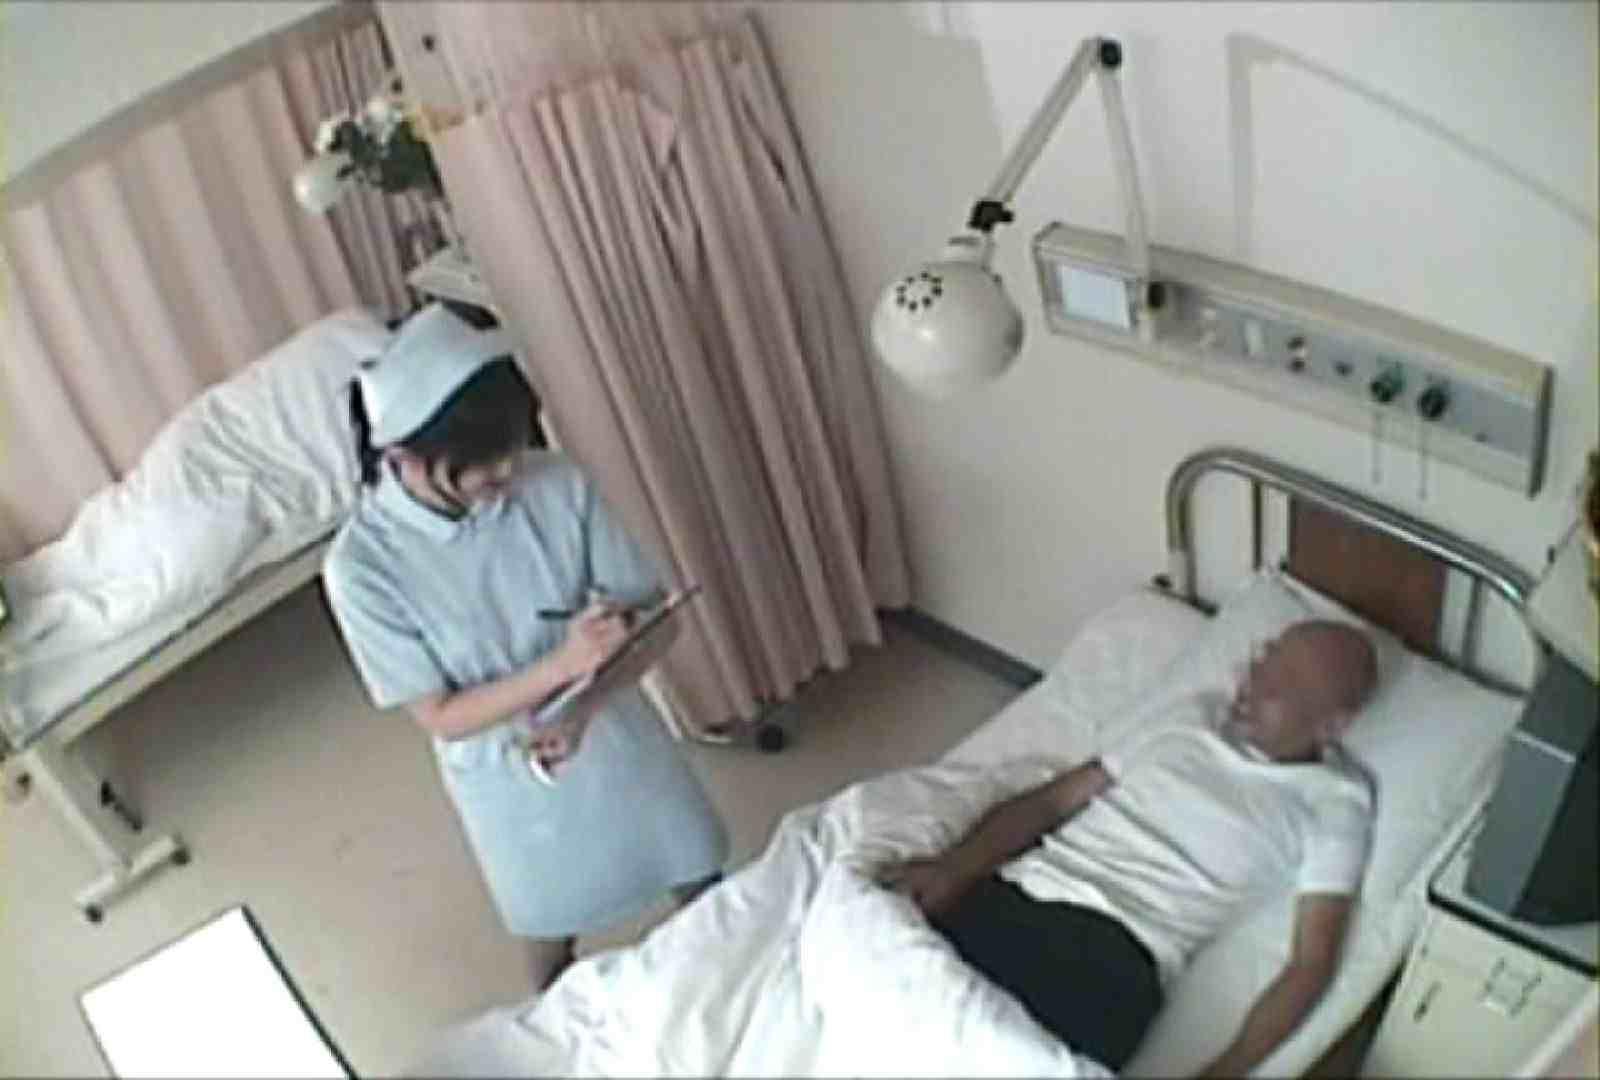 絶対に逝ってはいけない寸止め病棟Vol.3 ワルノリ  84画像 2